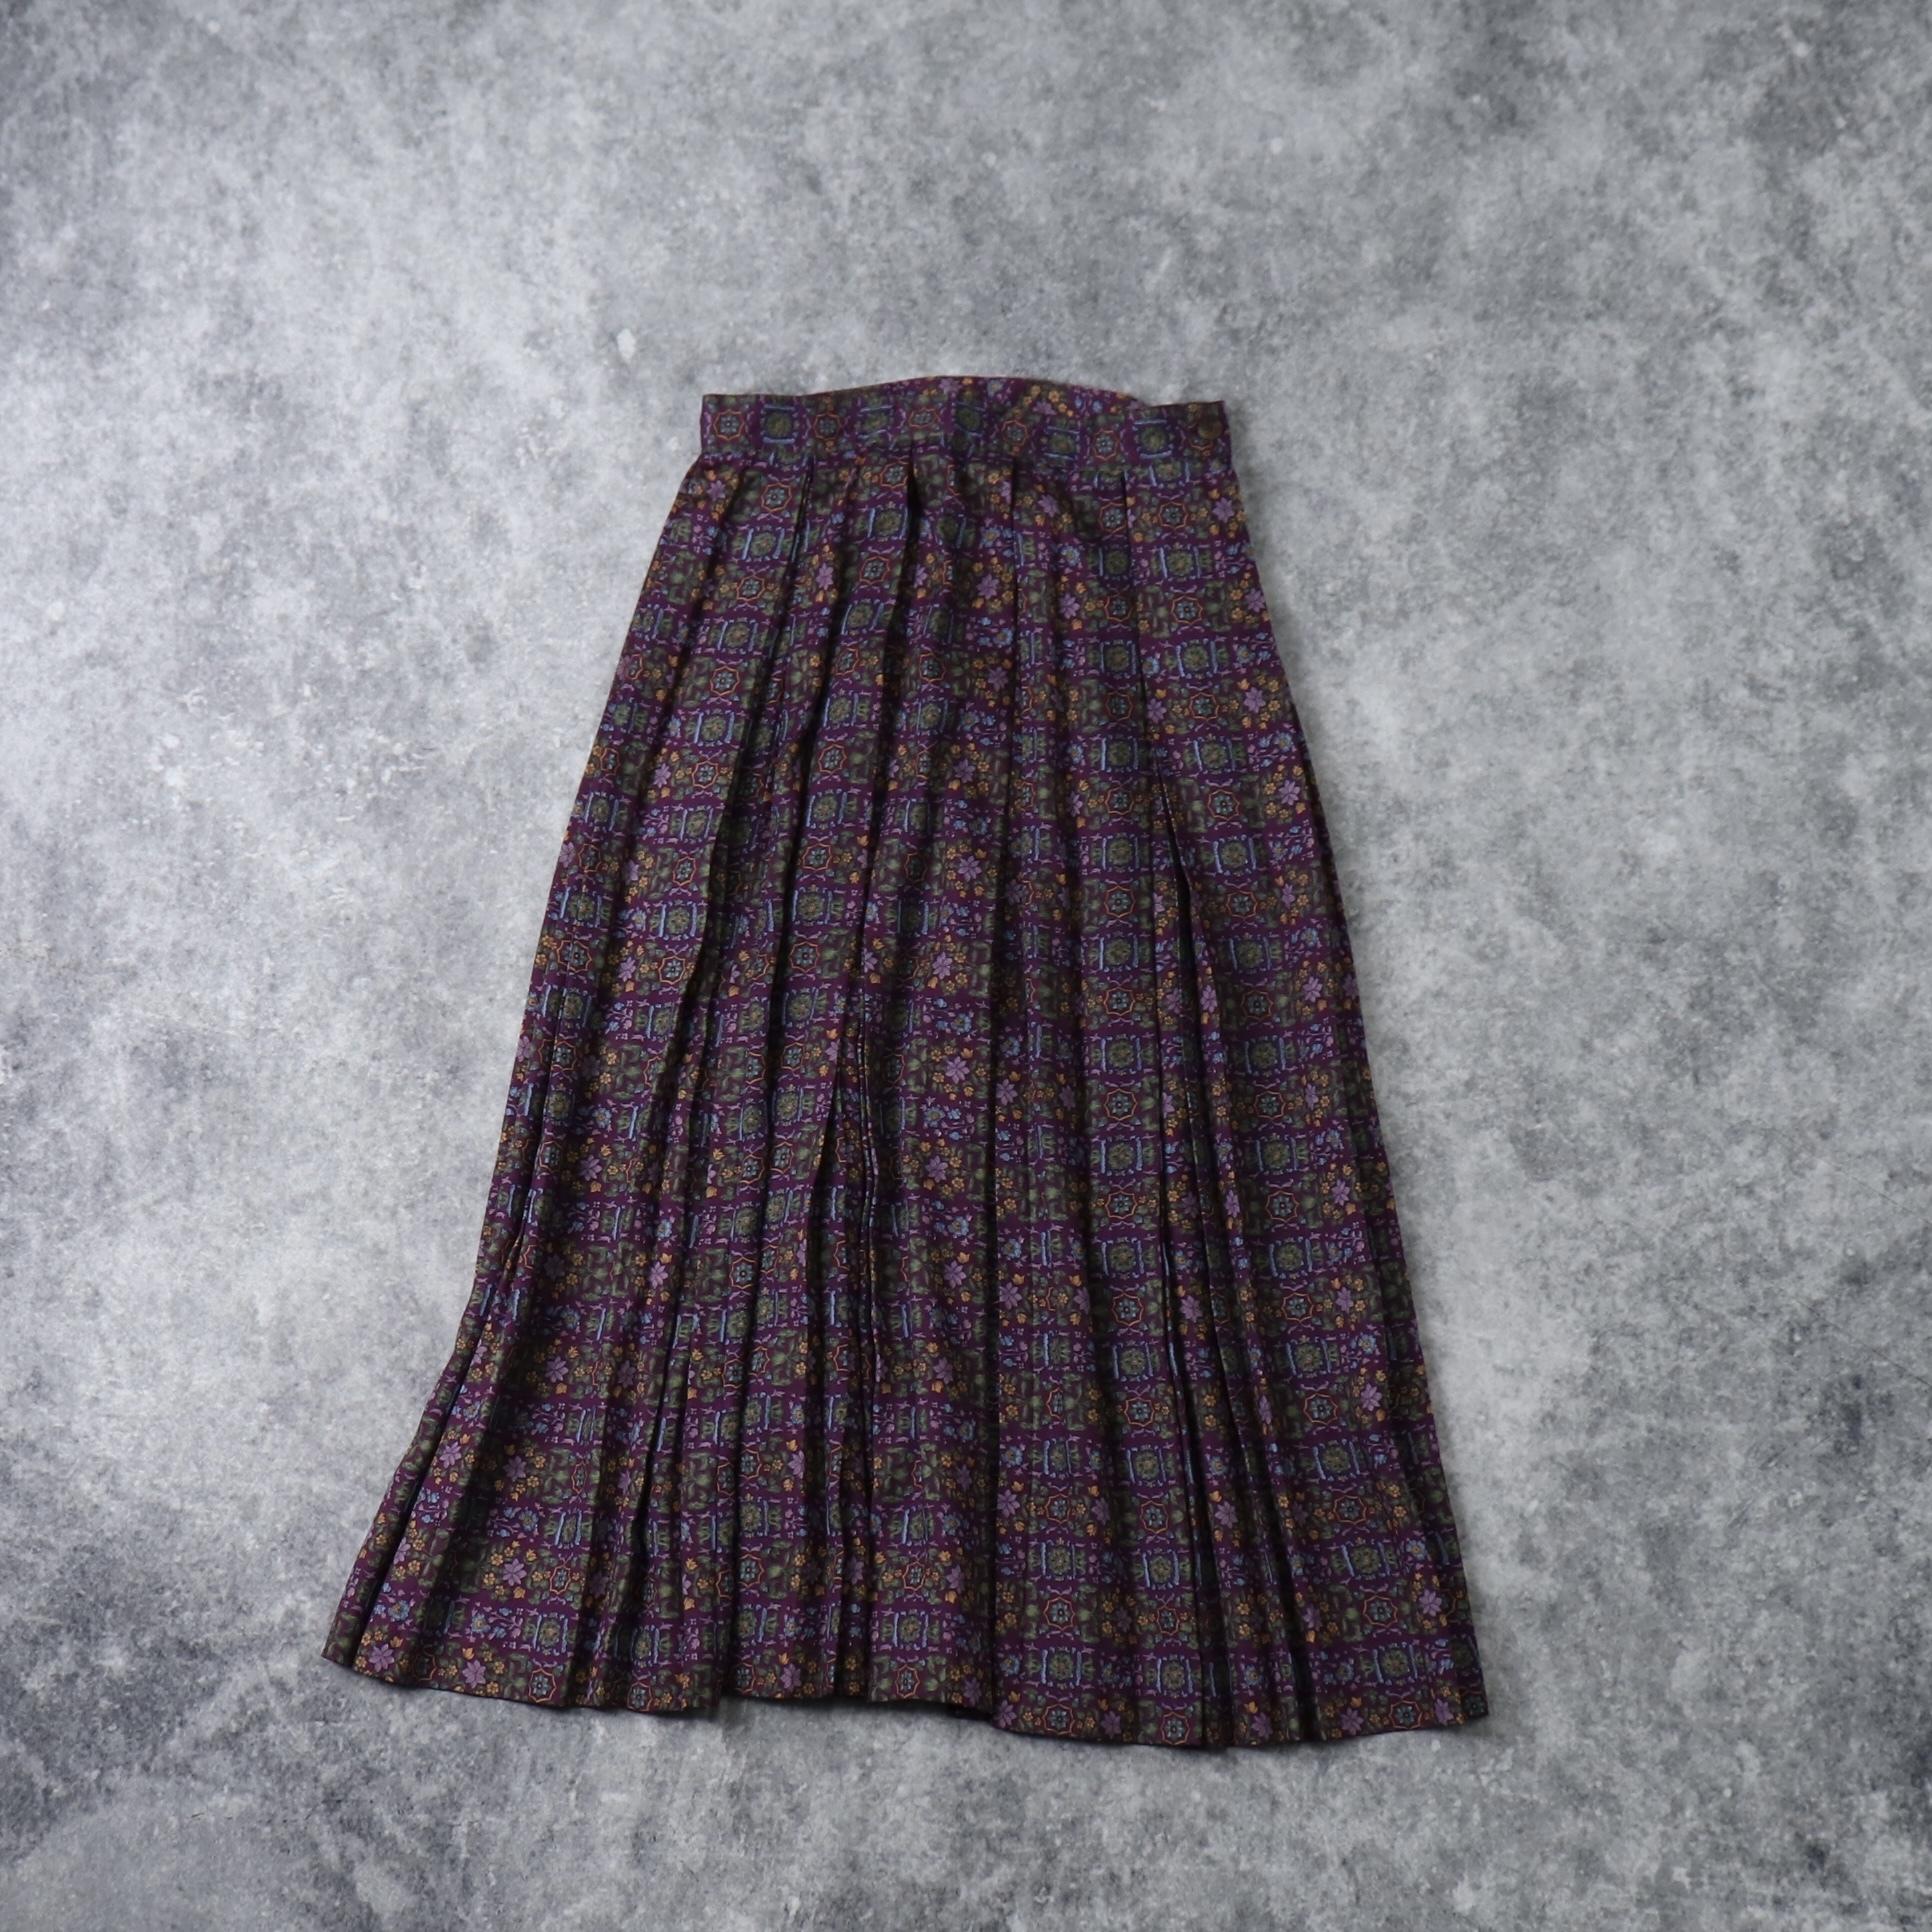 レディース 90年代 フラワー柄 プリーツスカート アメリカ古着 レッドパープル M